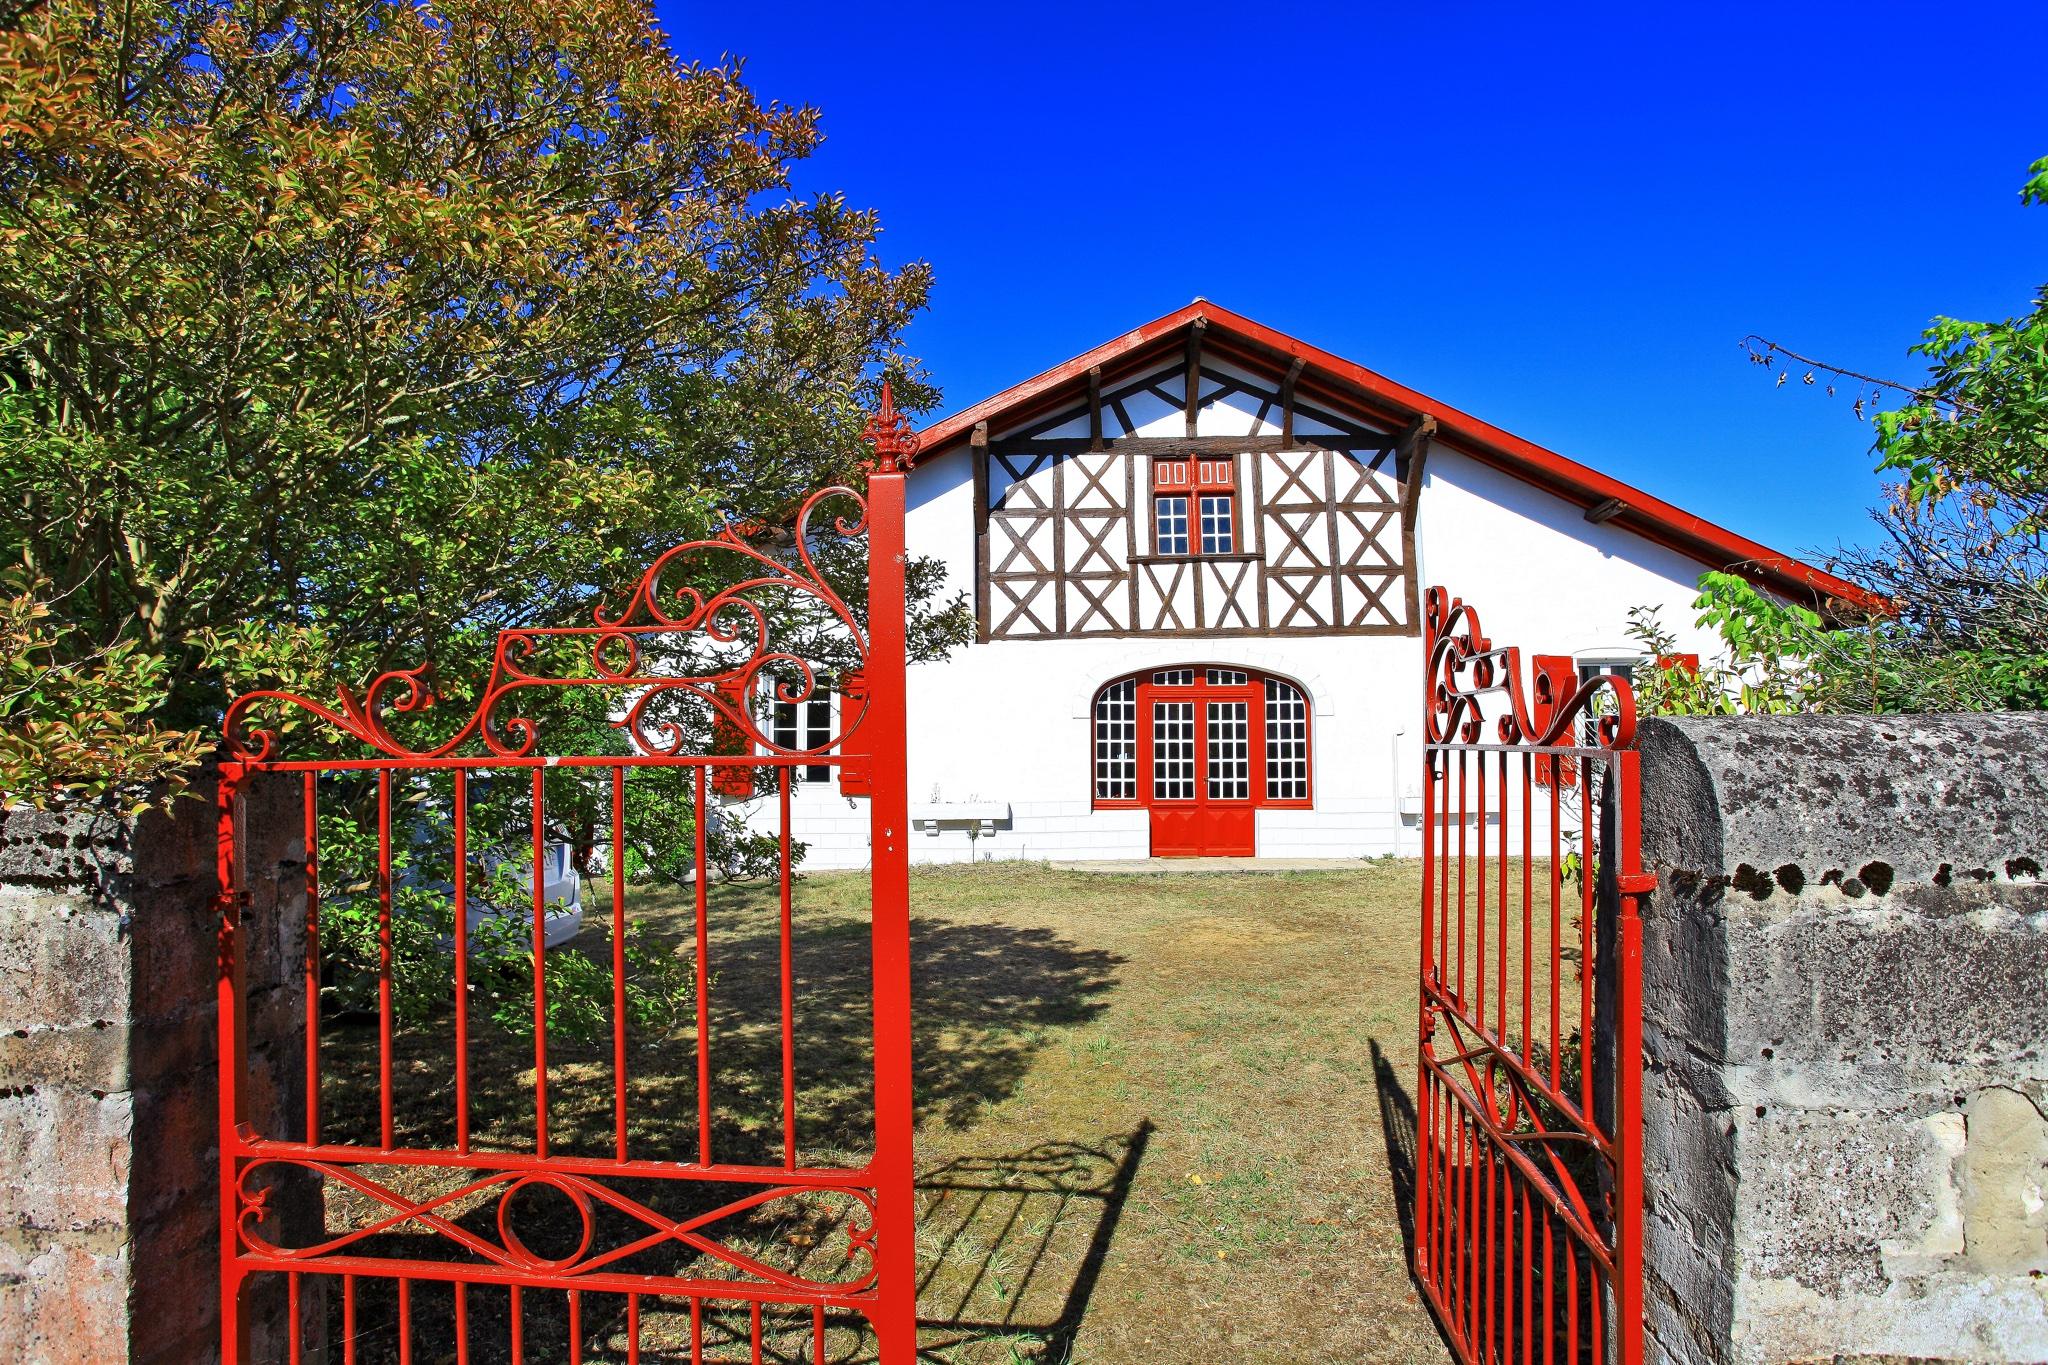 Maison landaise typique et authentique des Landes